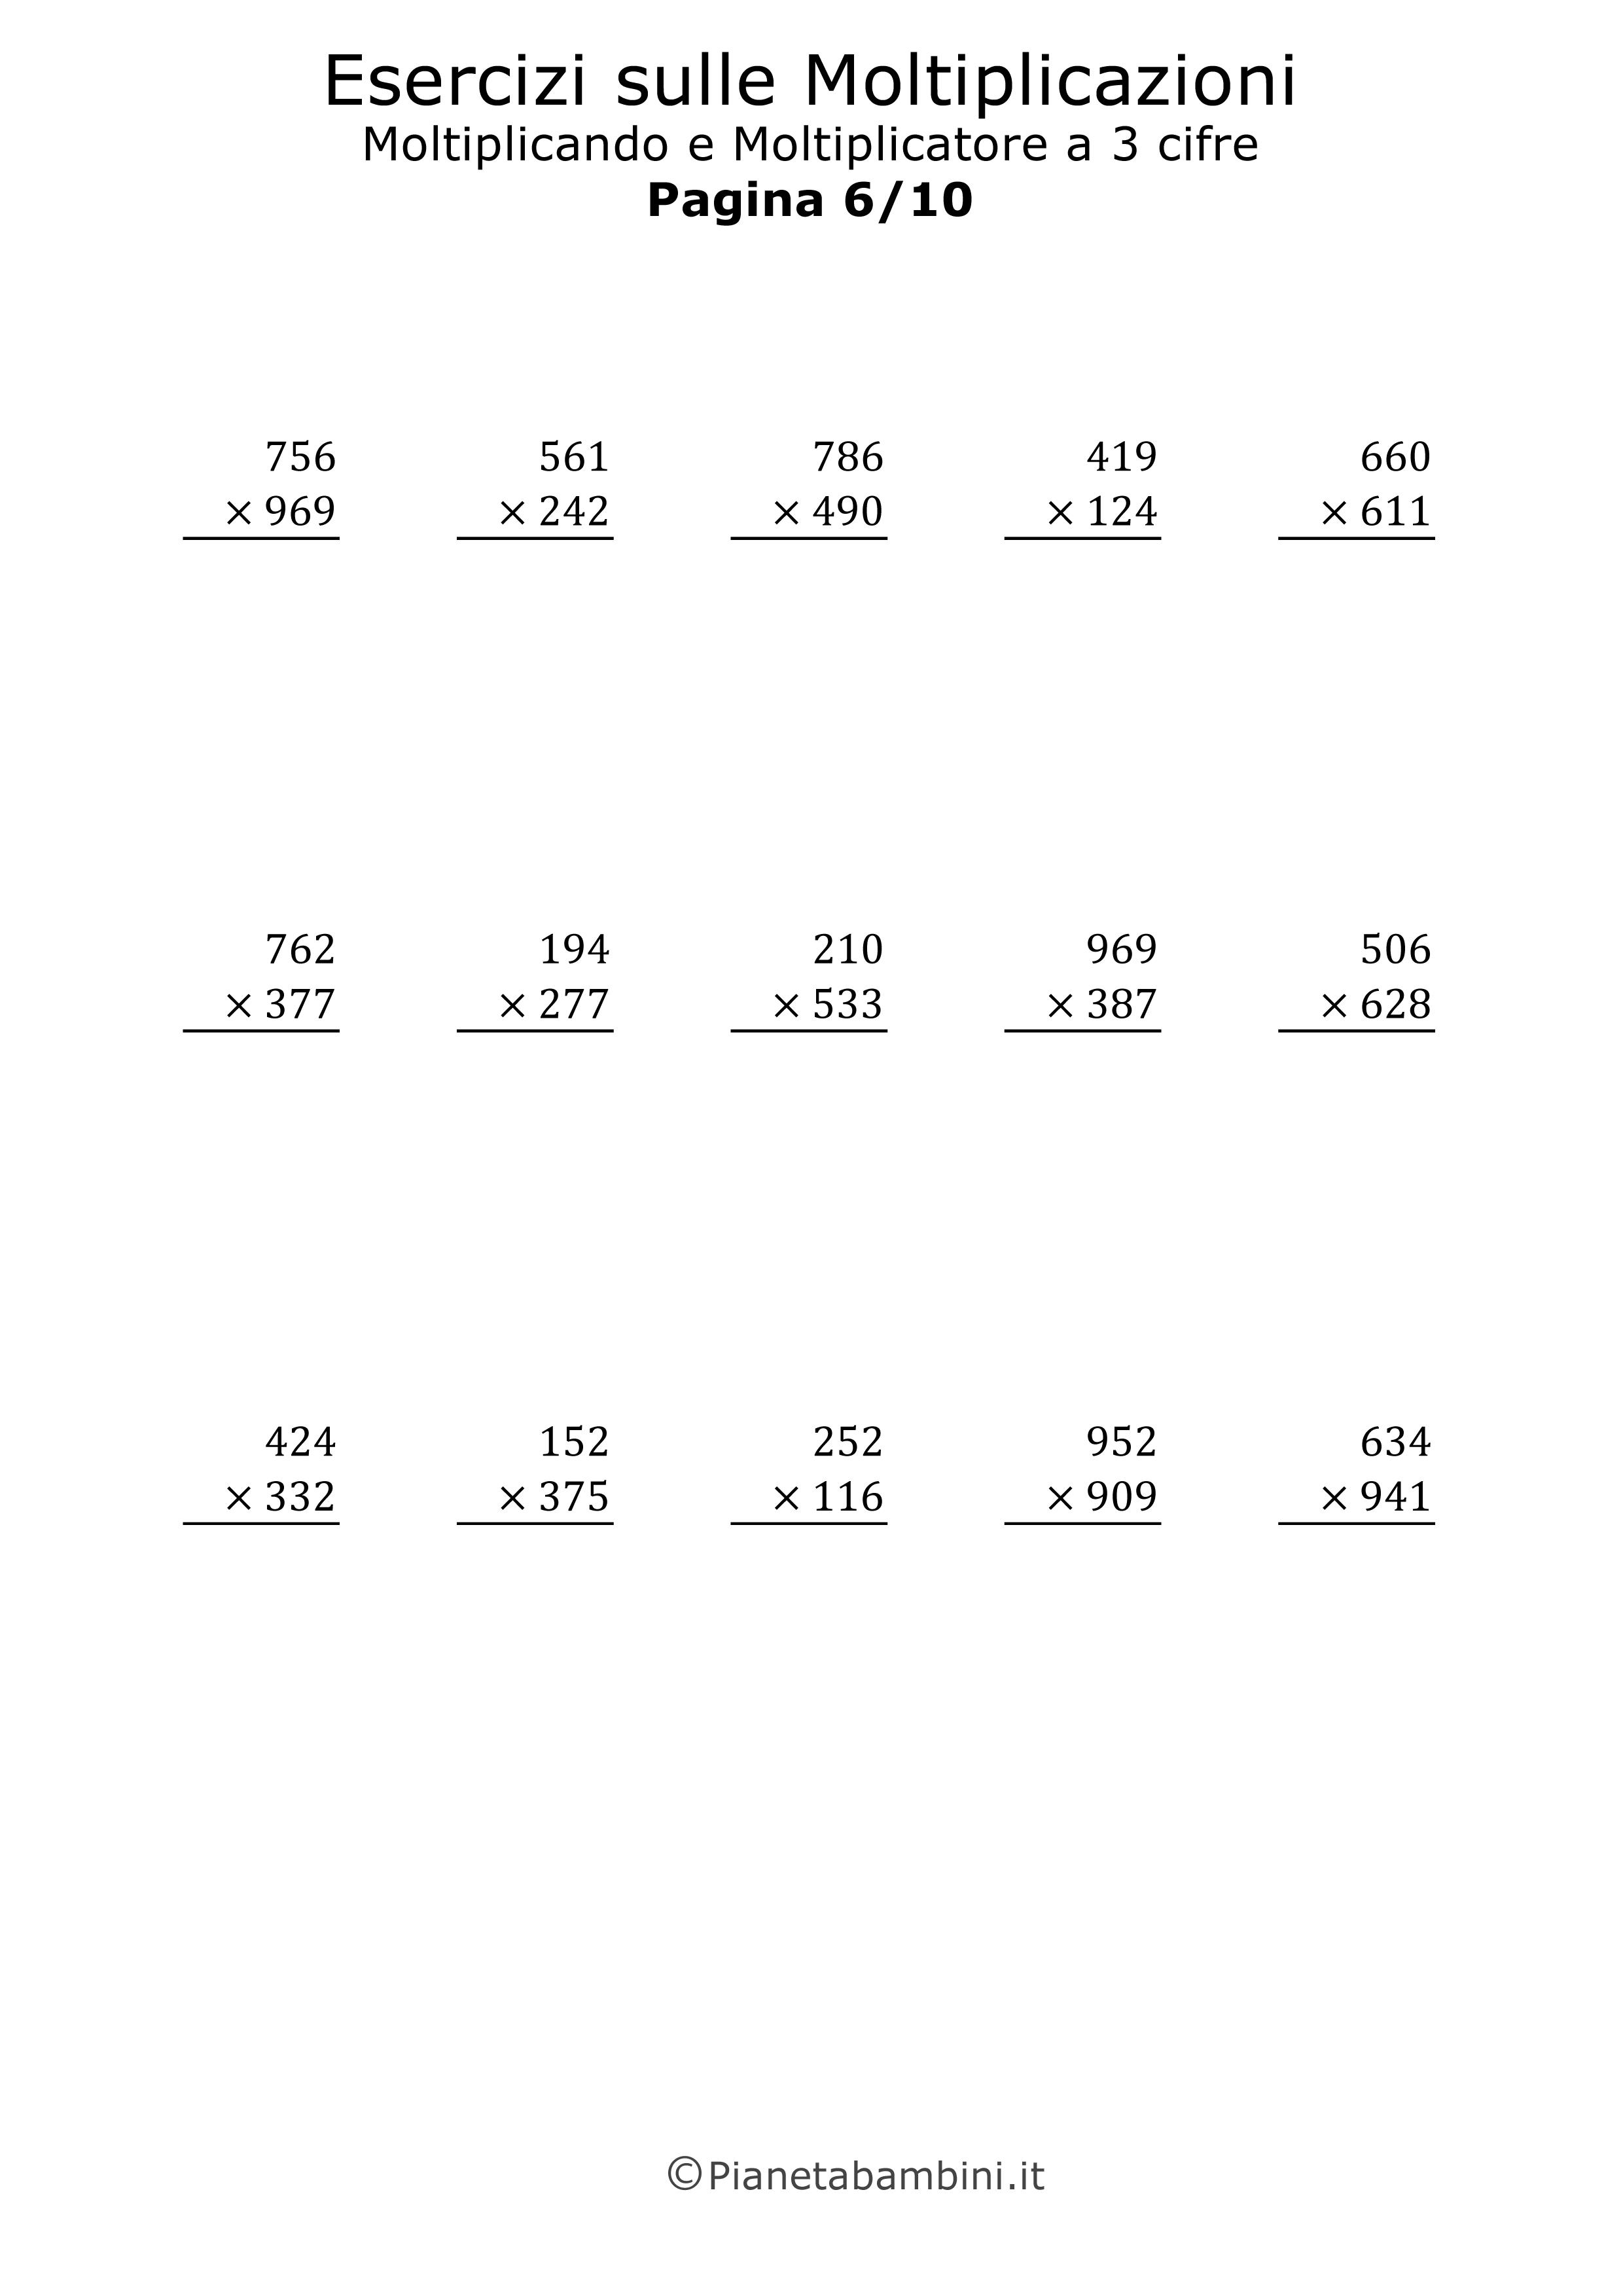 Esercizi-Moltiplicazioni-3-Cifre_06